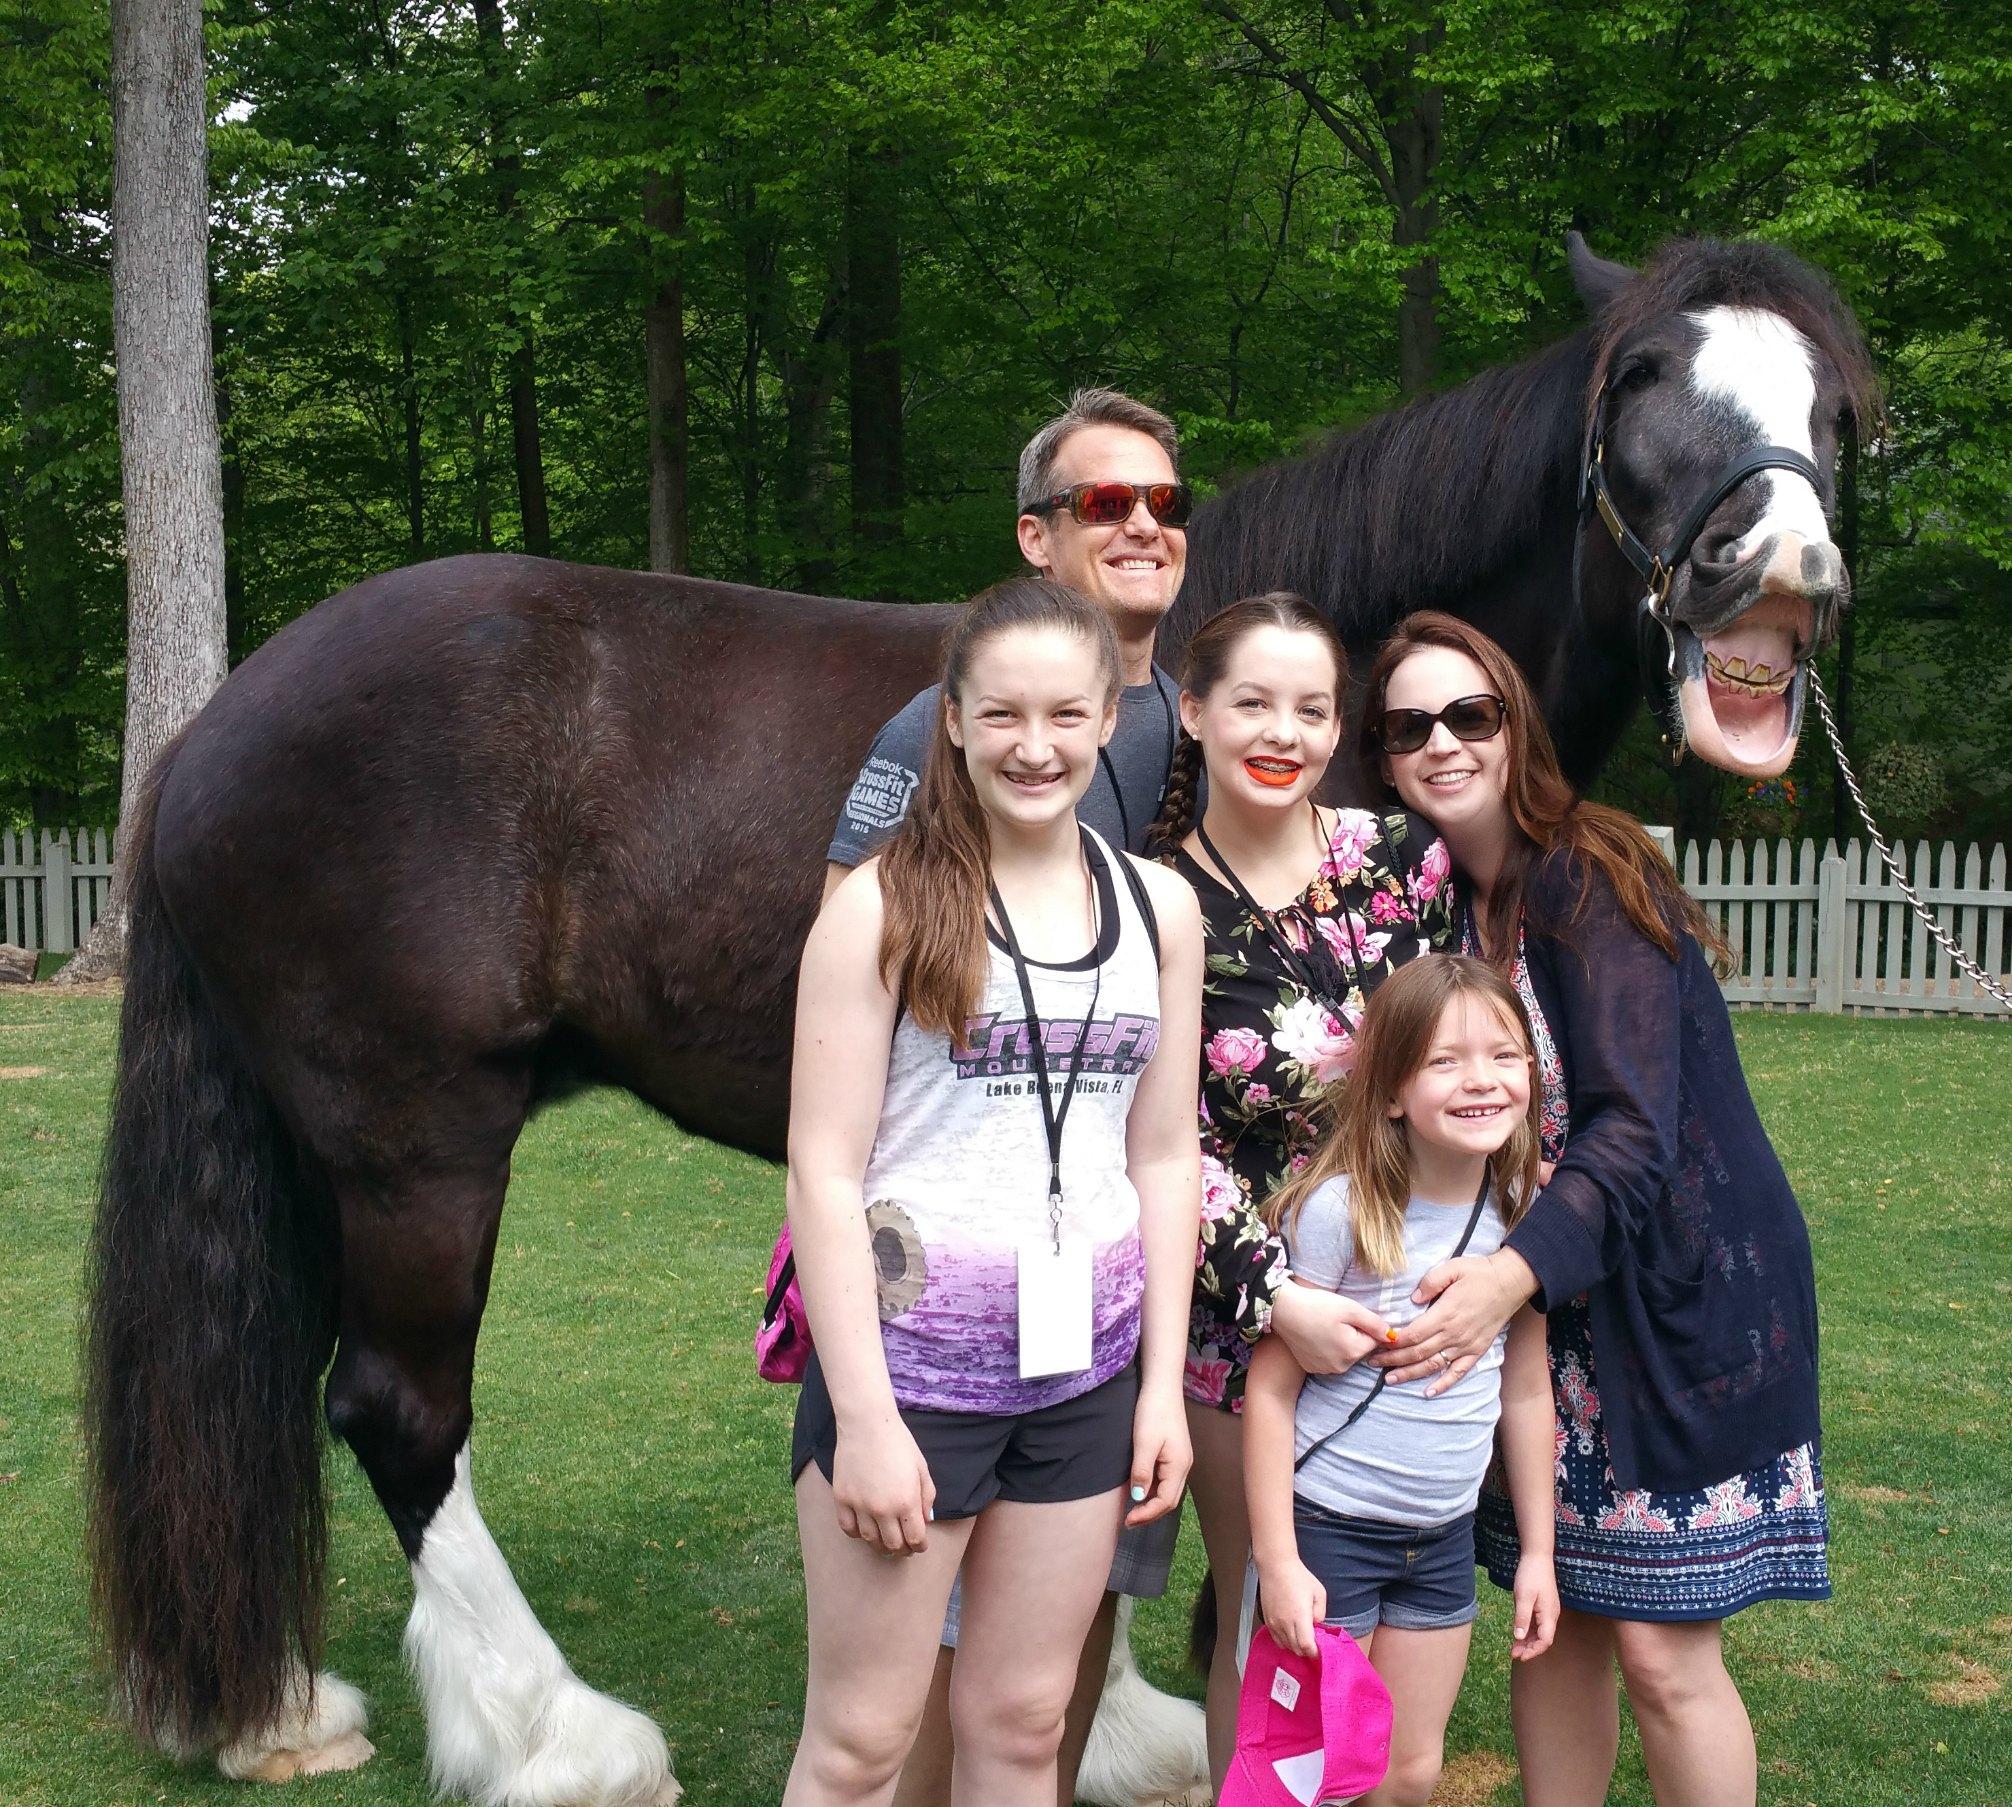 Clydesdale Busch Gardens VA